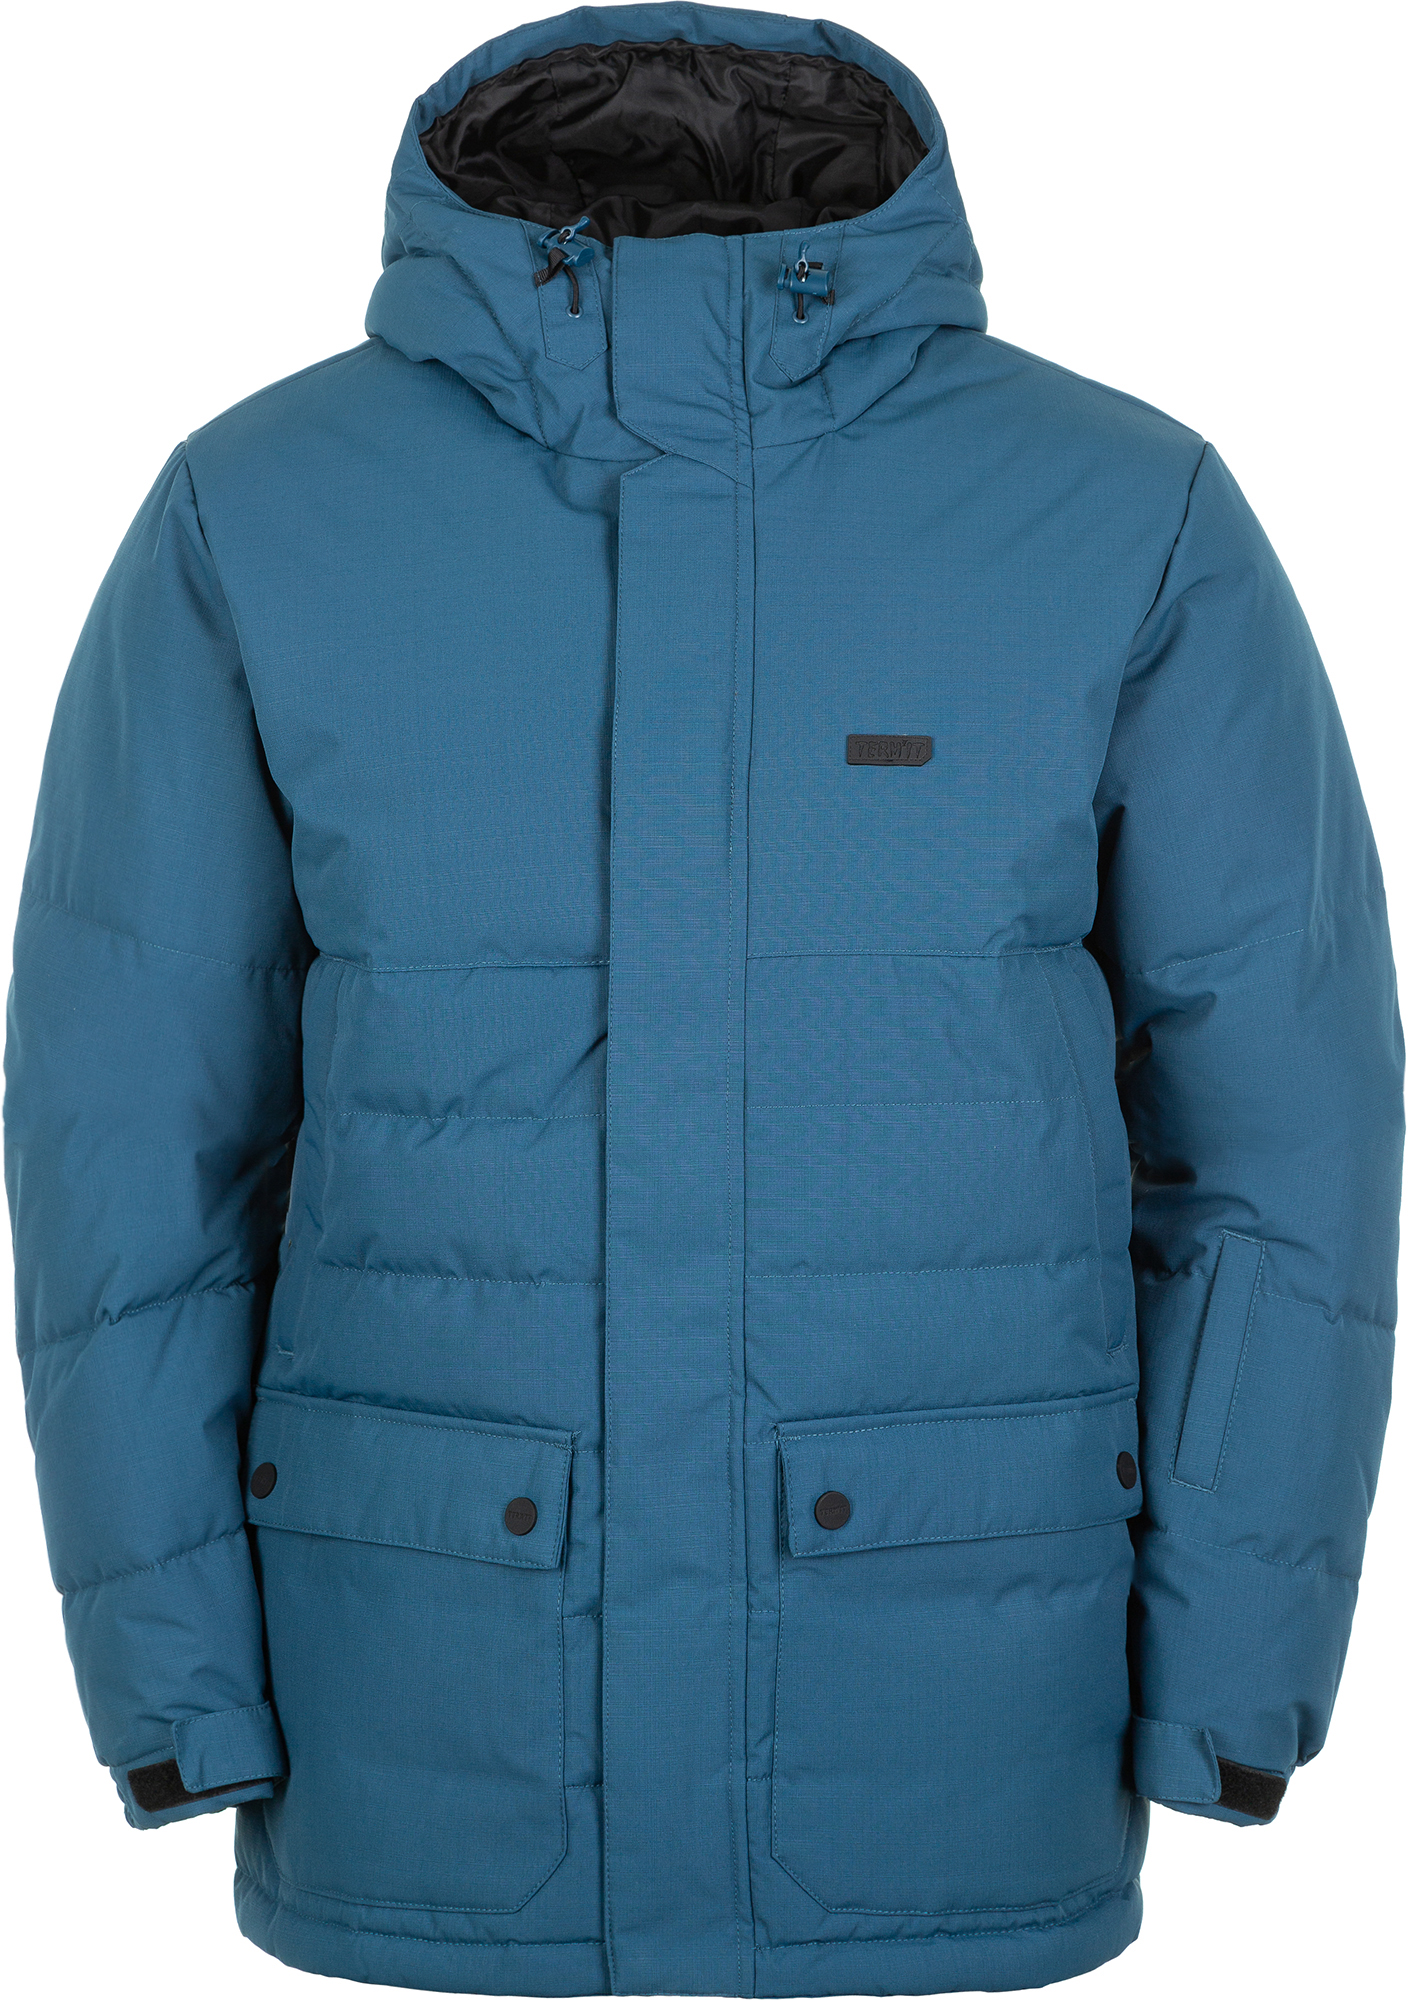 цены Termit Куртка пуховая мужская Termit, размер 54